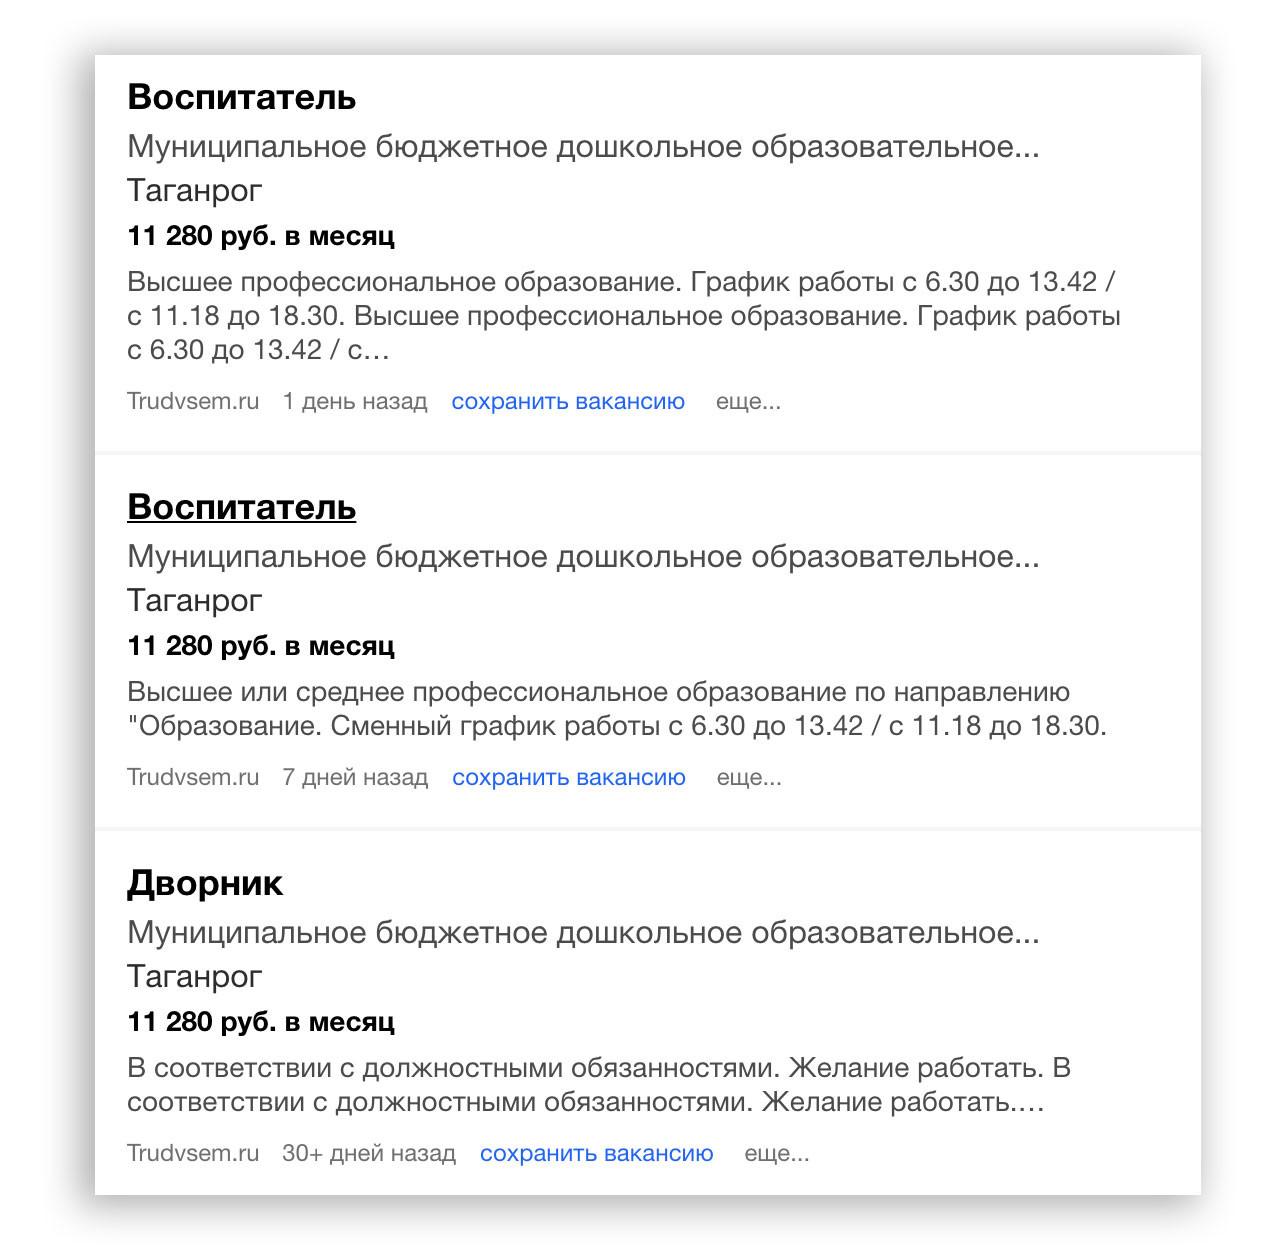 Одинаковые зарплаты дворника и воспитателя в детских садах Таганрога. Фото © Скриншот indeed